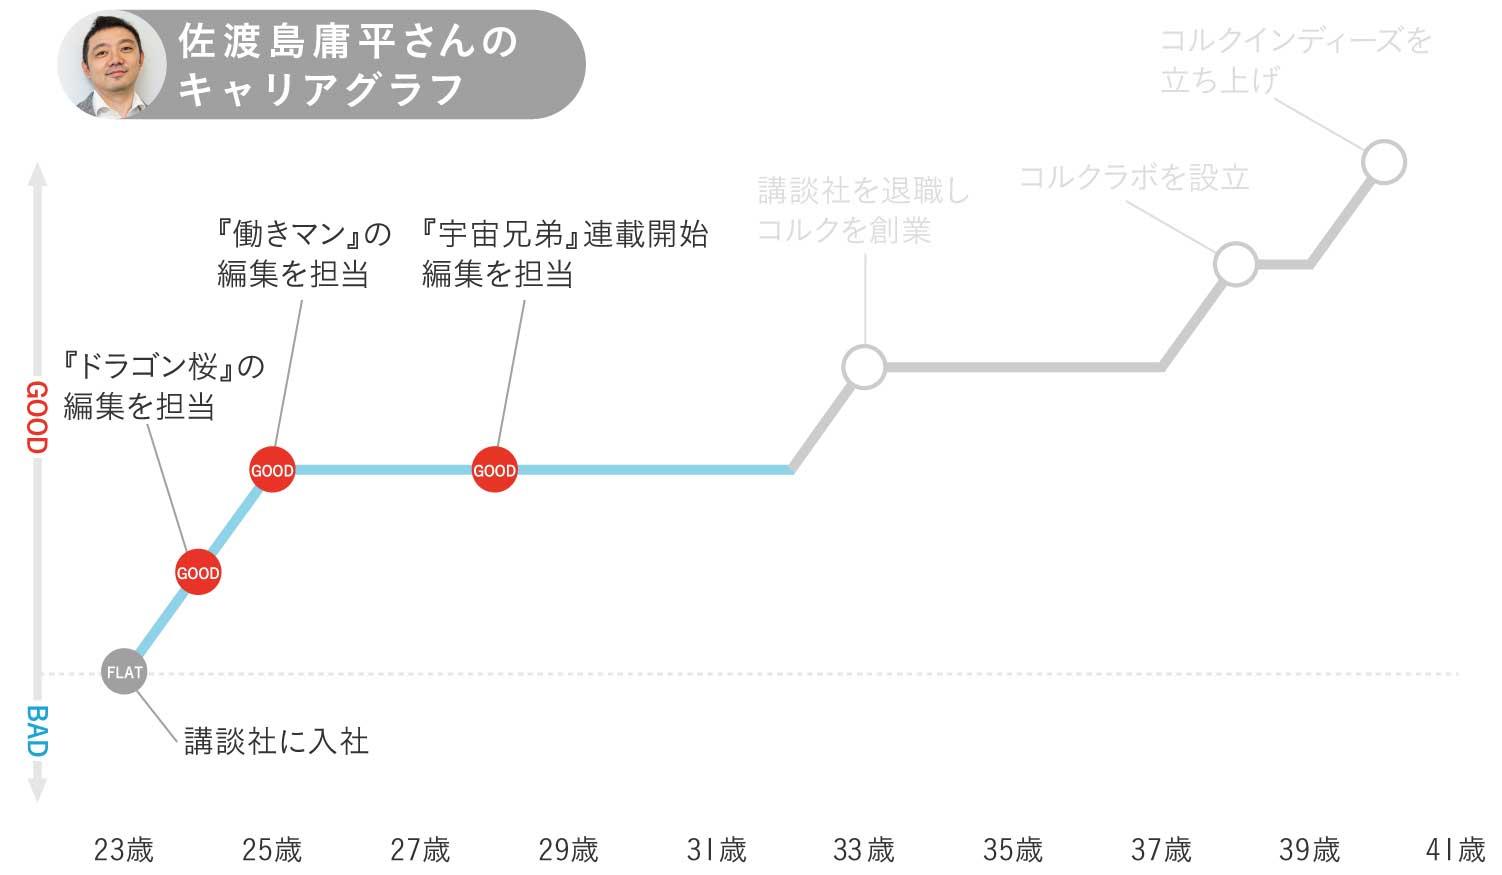 佐渡島庸平さんキャリグラフ2